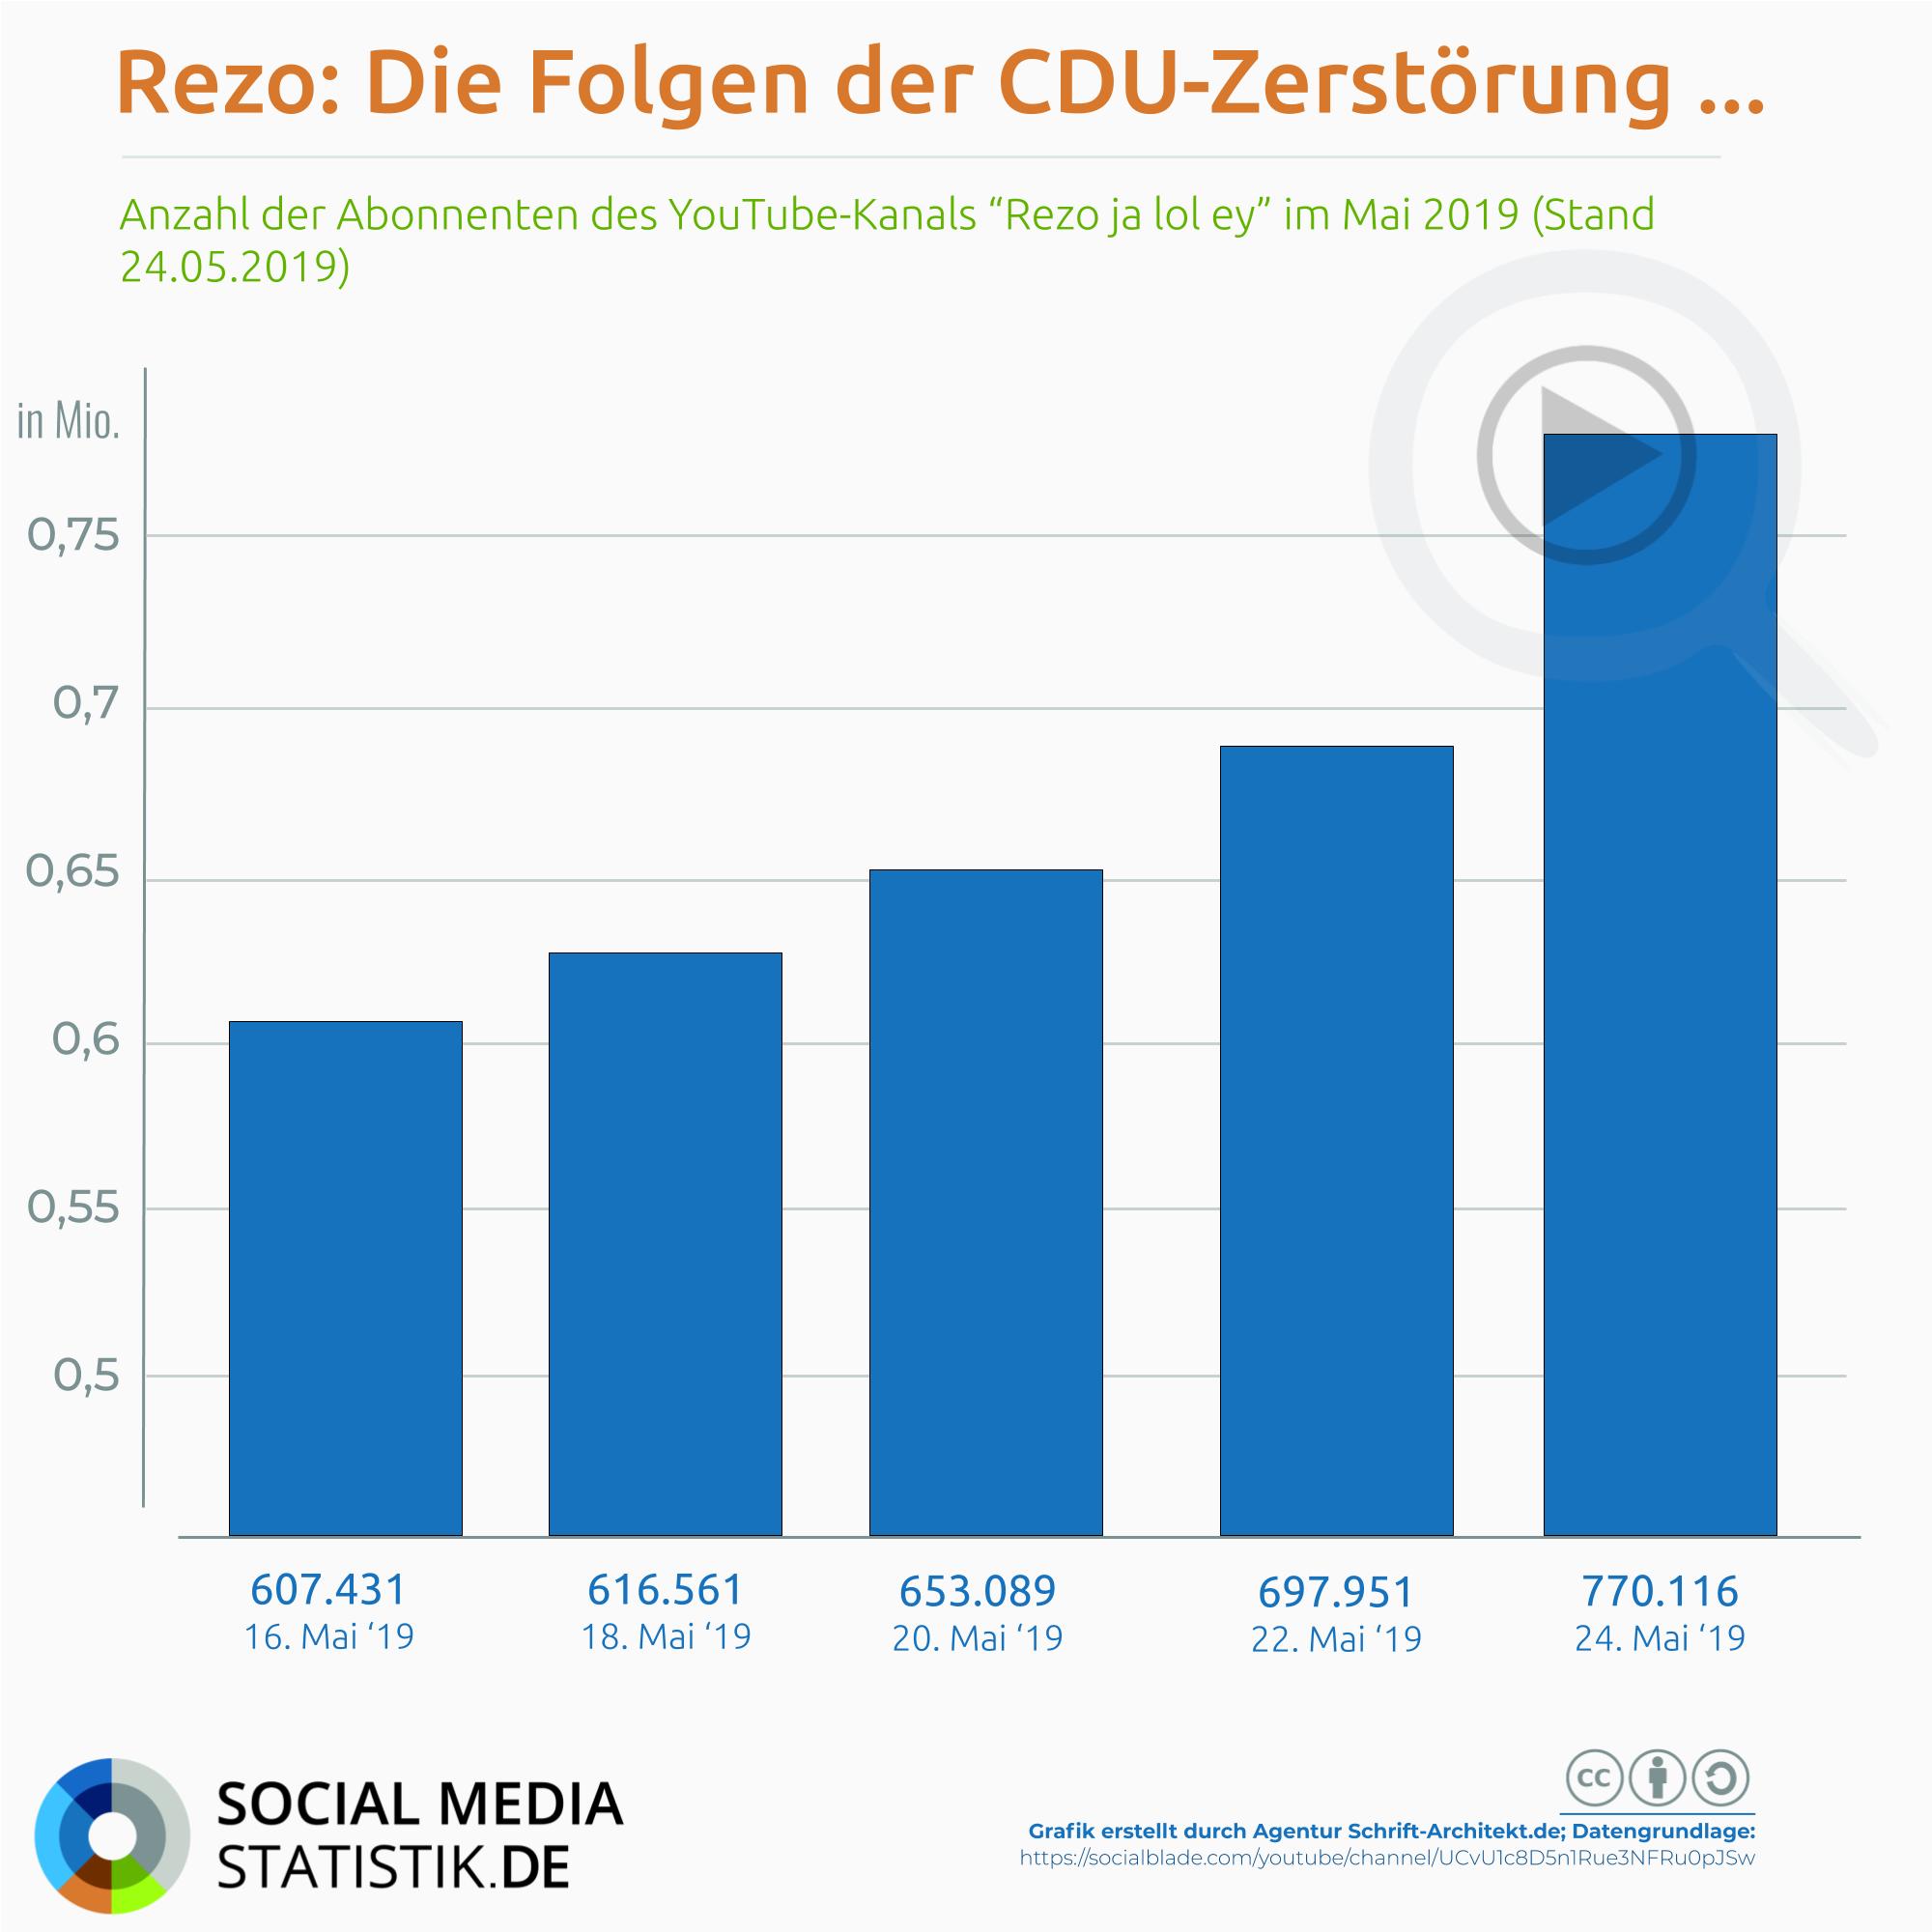 Infografik SocialMediaStatistik.de zum Thema rezo youtube abonnenten